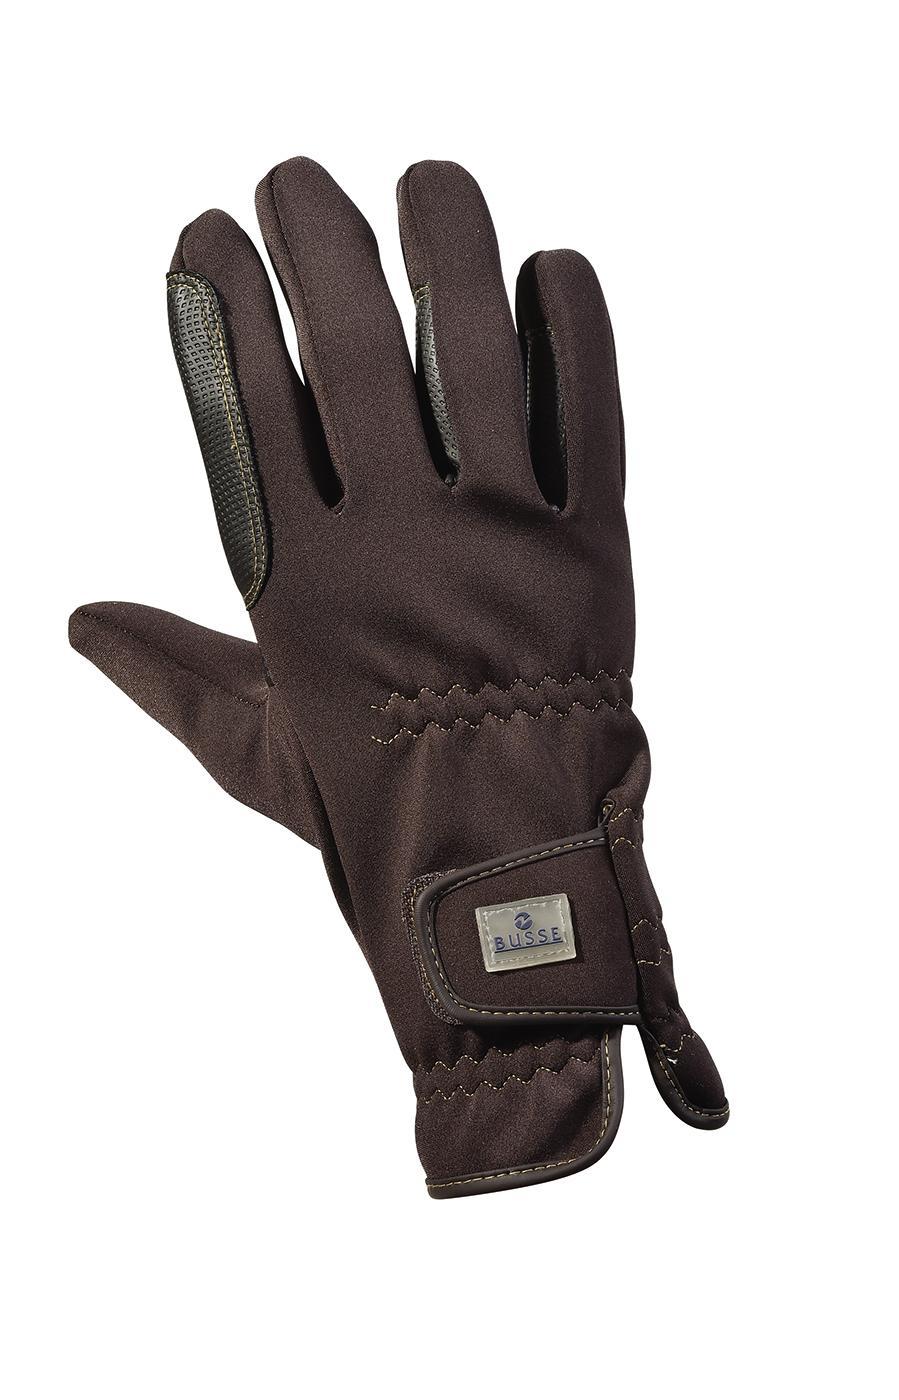 1a61846e85b Teplé zimní rukavice z oblíbeného softshellového materiálu od Busse.